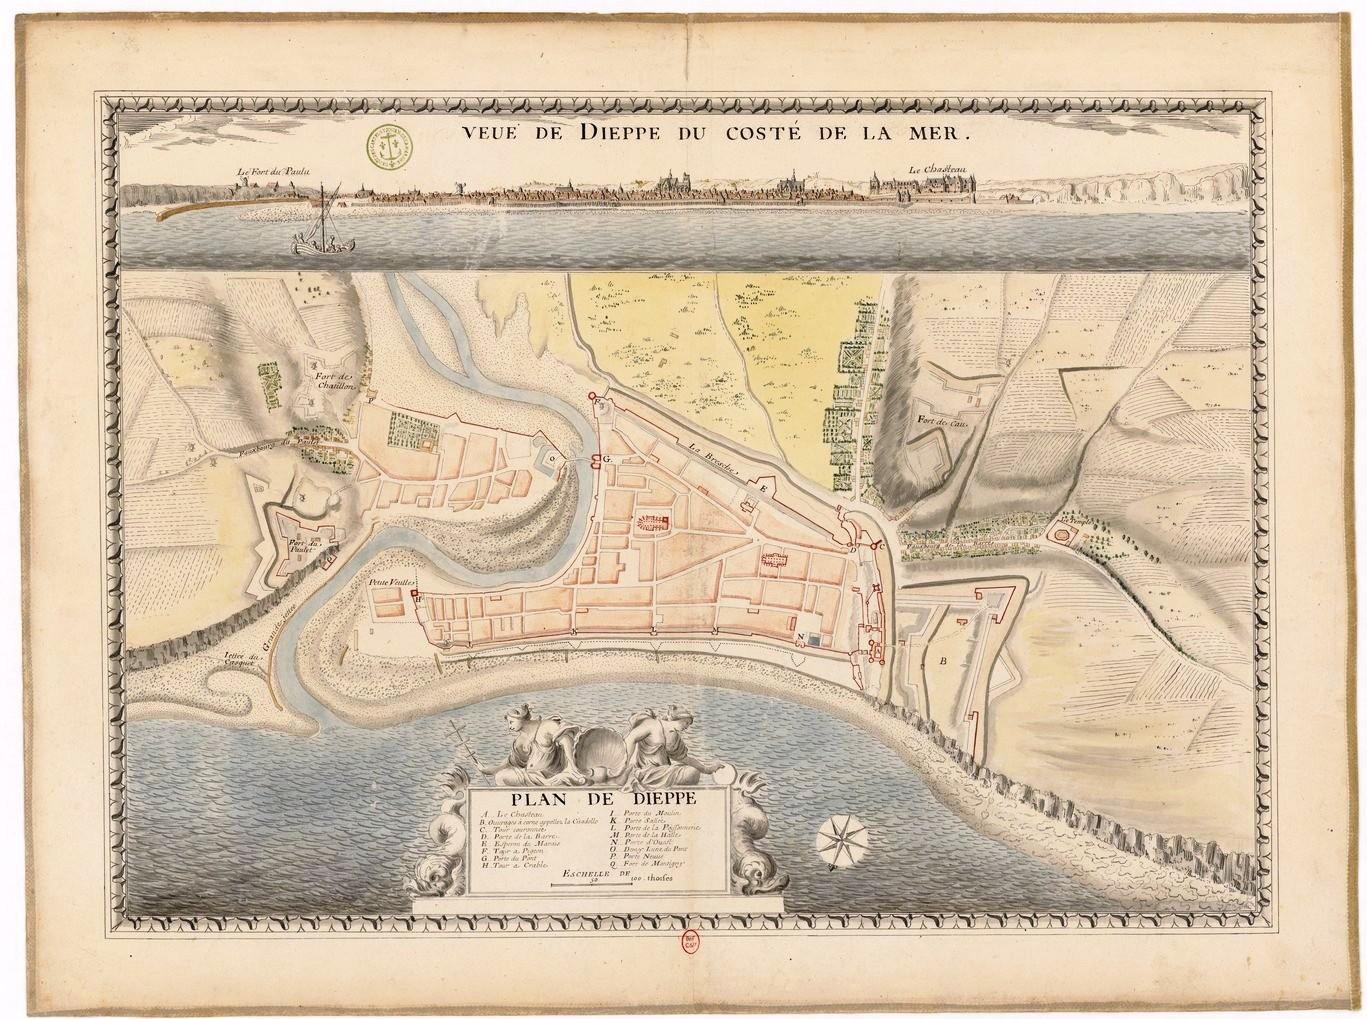 Vintage map of Dieppe